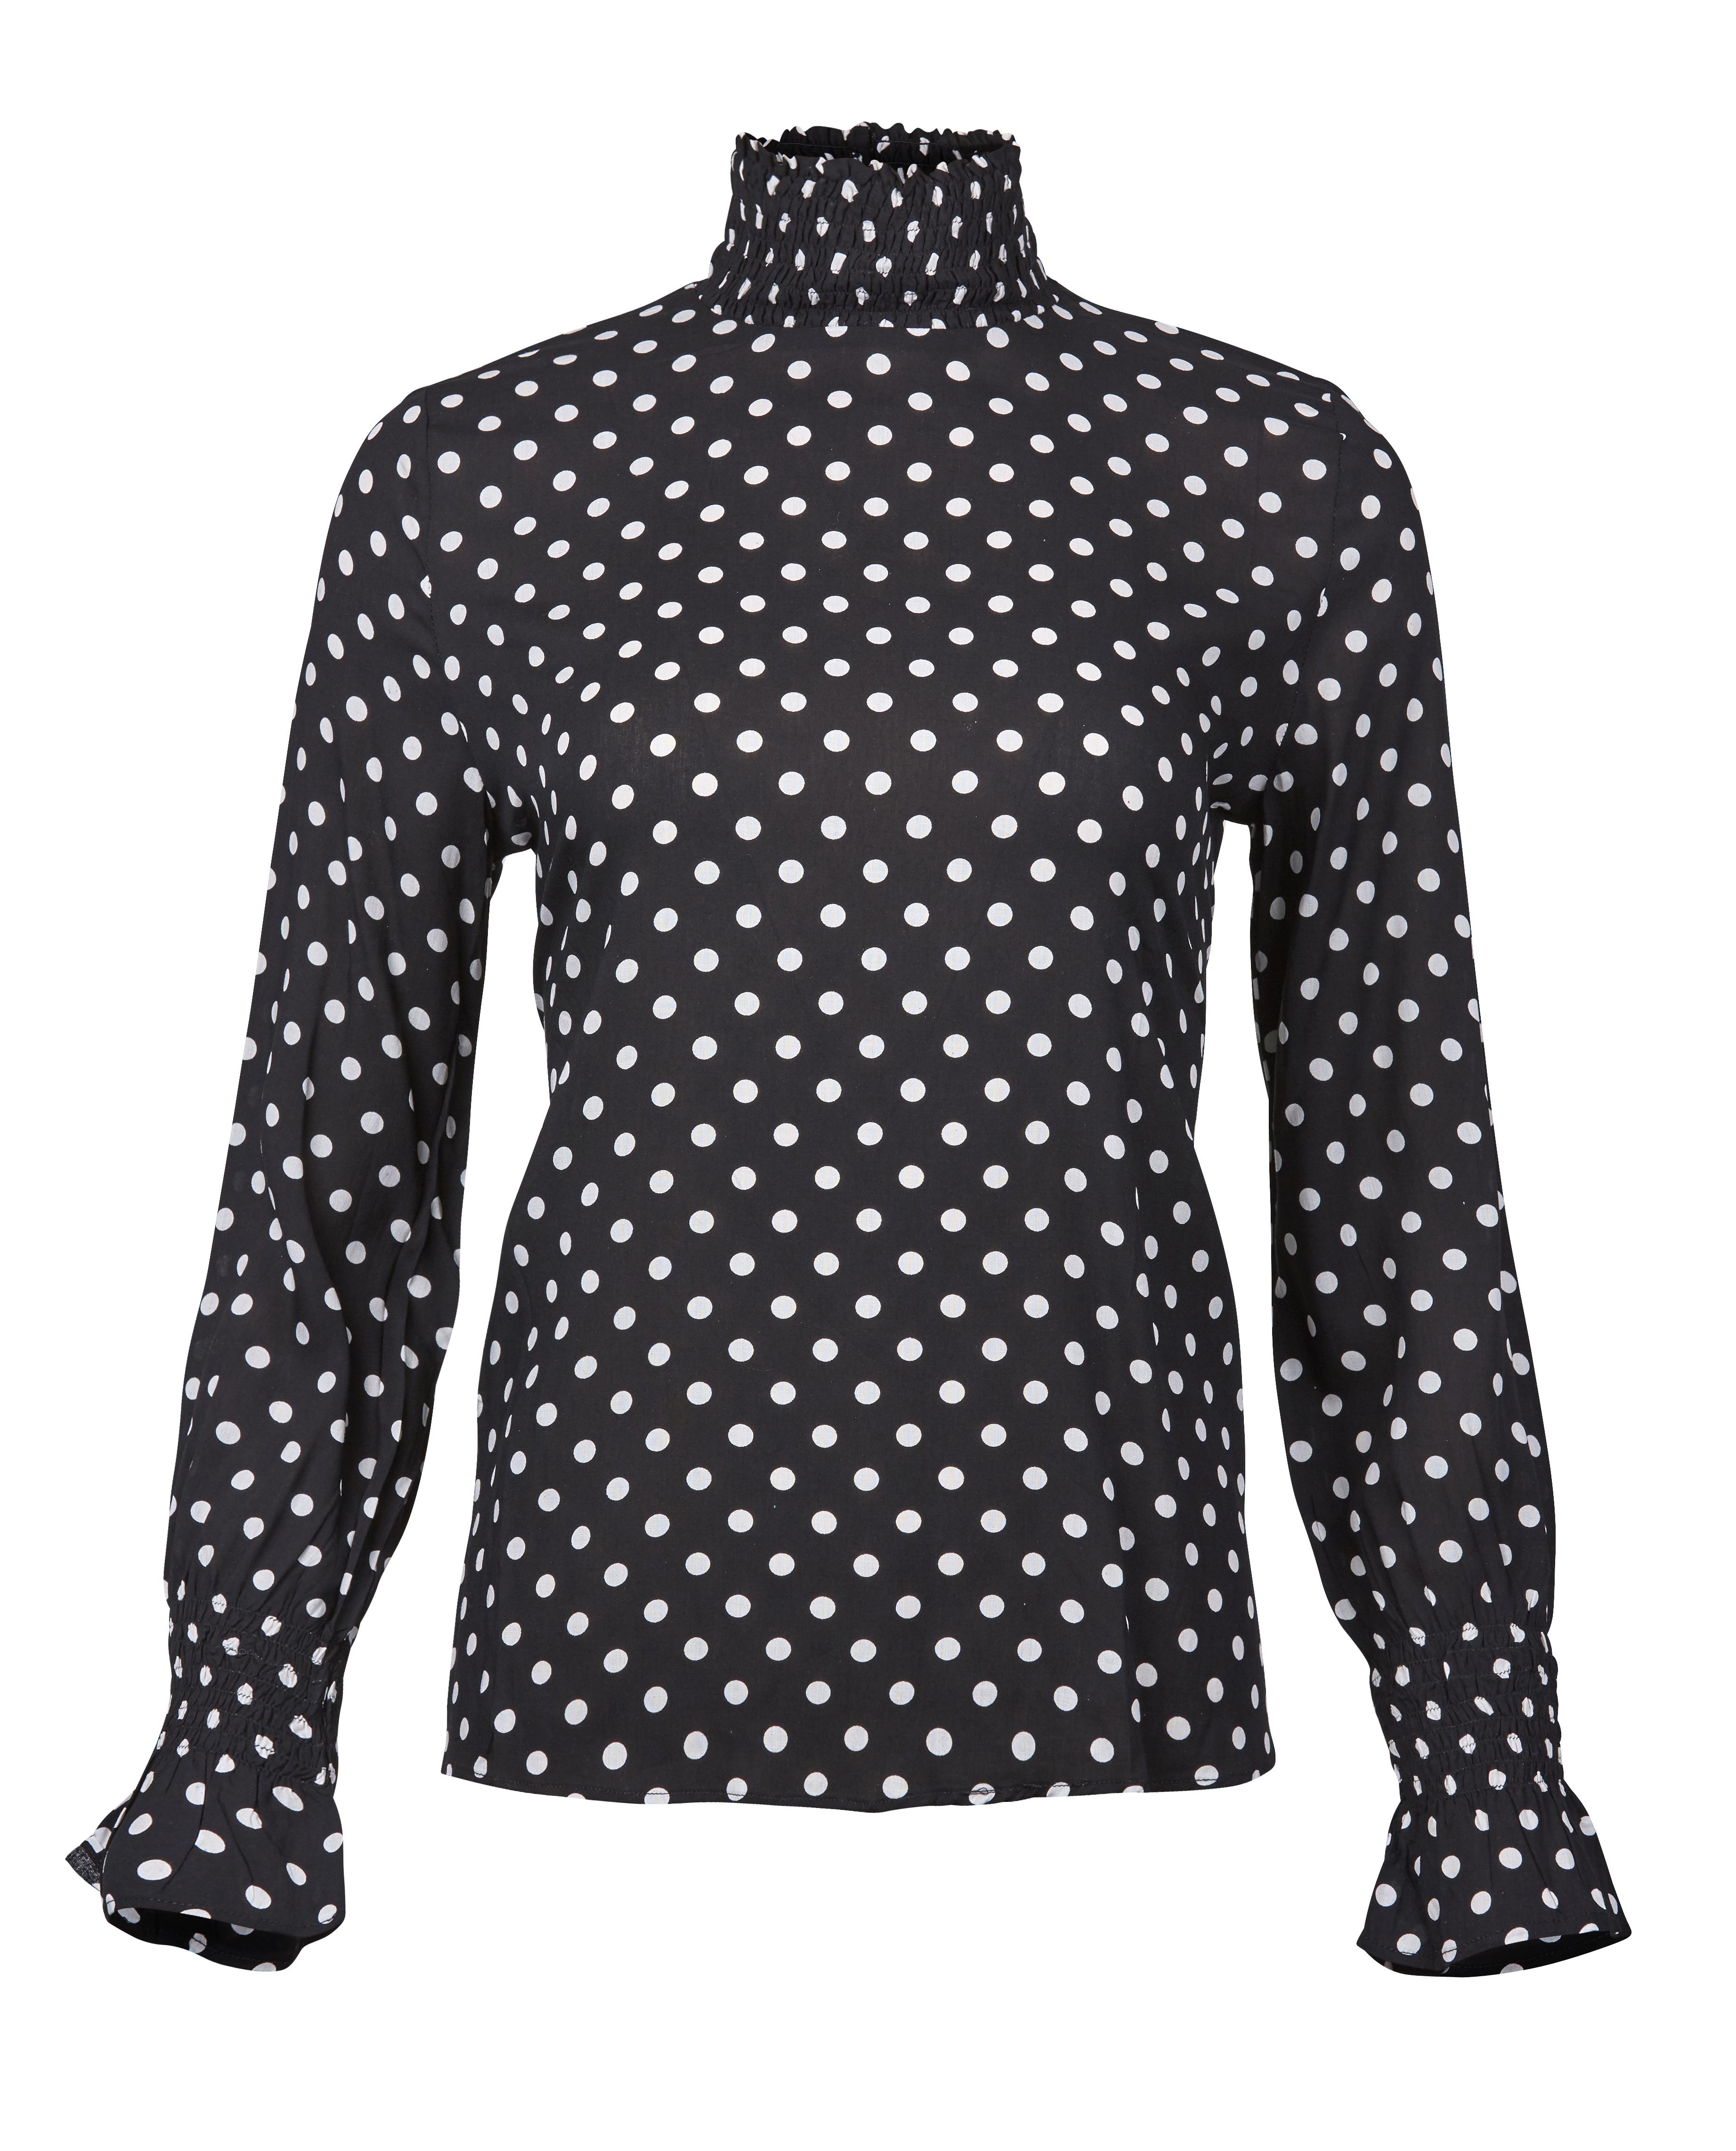 7c6d5a04 Sort bluse med hvite prikker – Rue de Femme sort topp med hvite prikker –  Mio